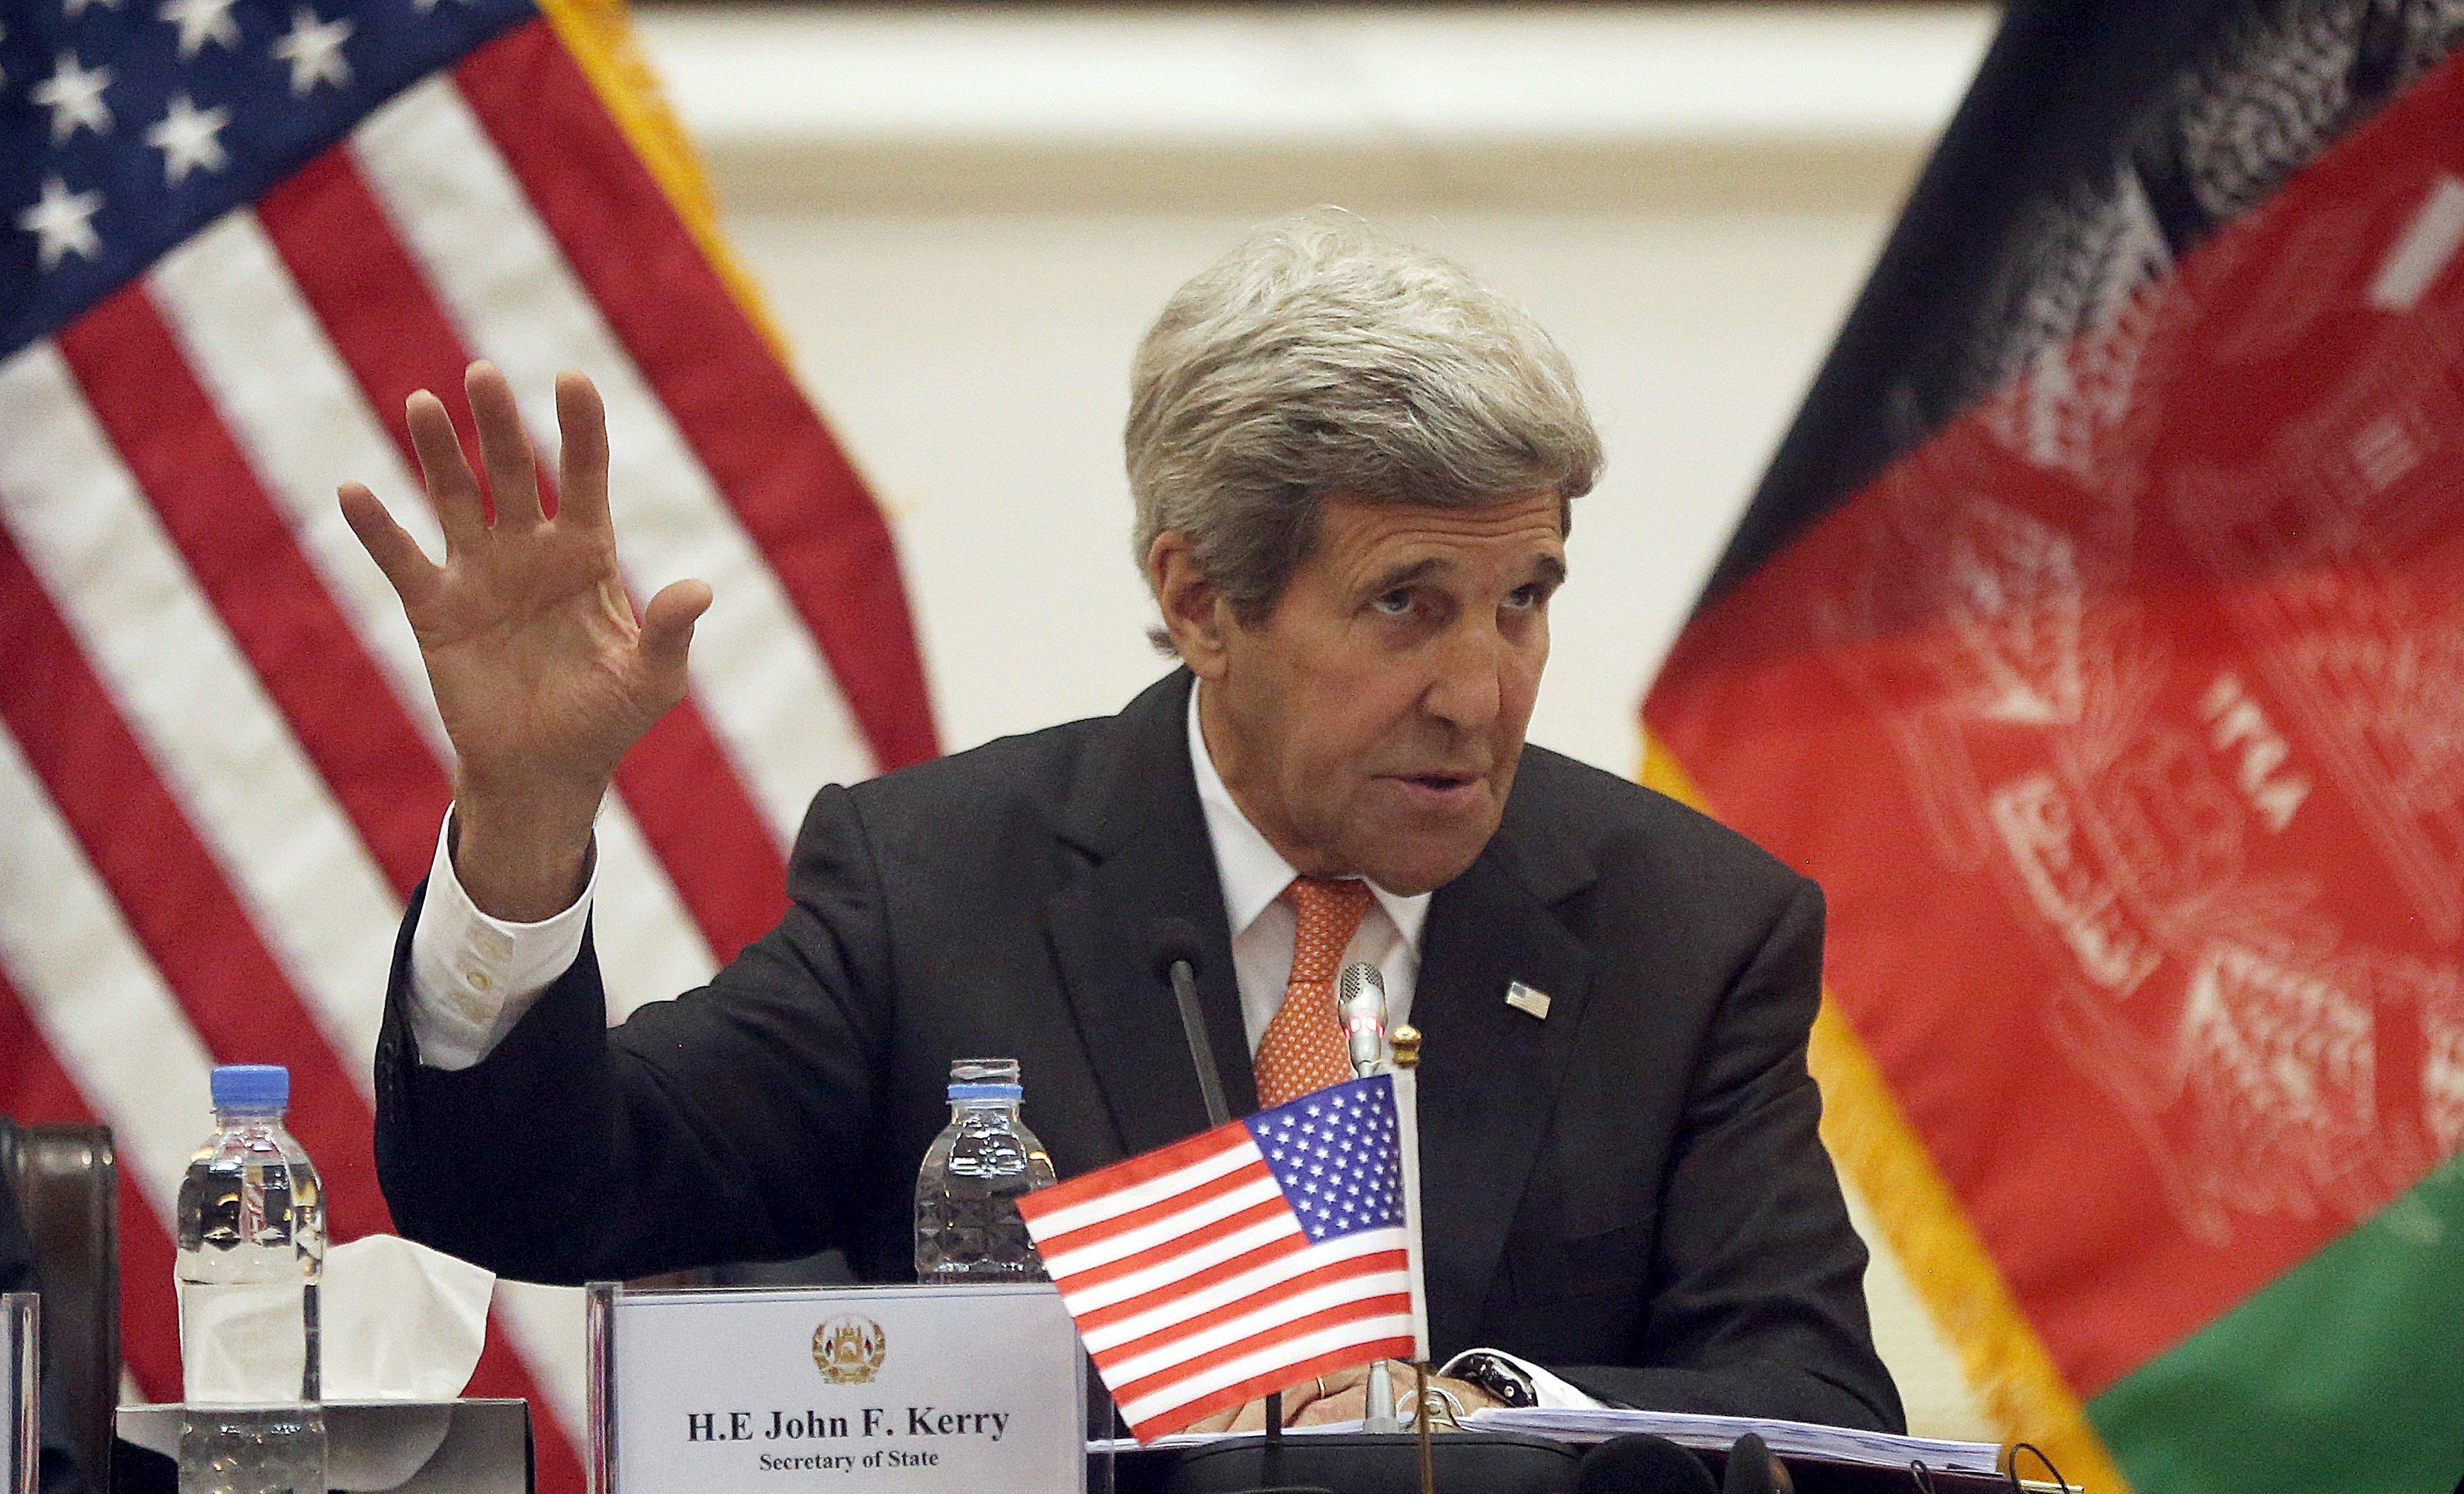 El secretario norteamericano visitó la ciudad de Kabul donde hizo un llamado a talibanes insurgentes a unirse al proceso de paz